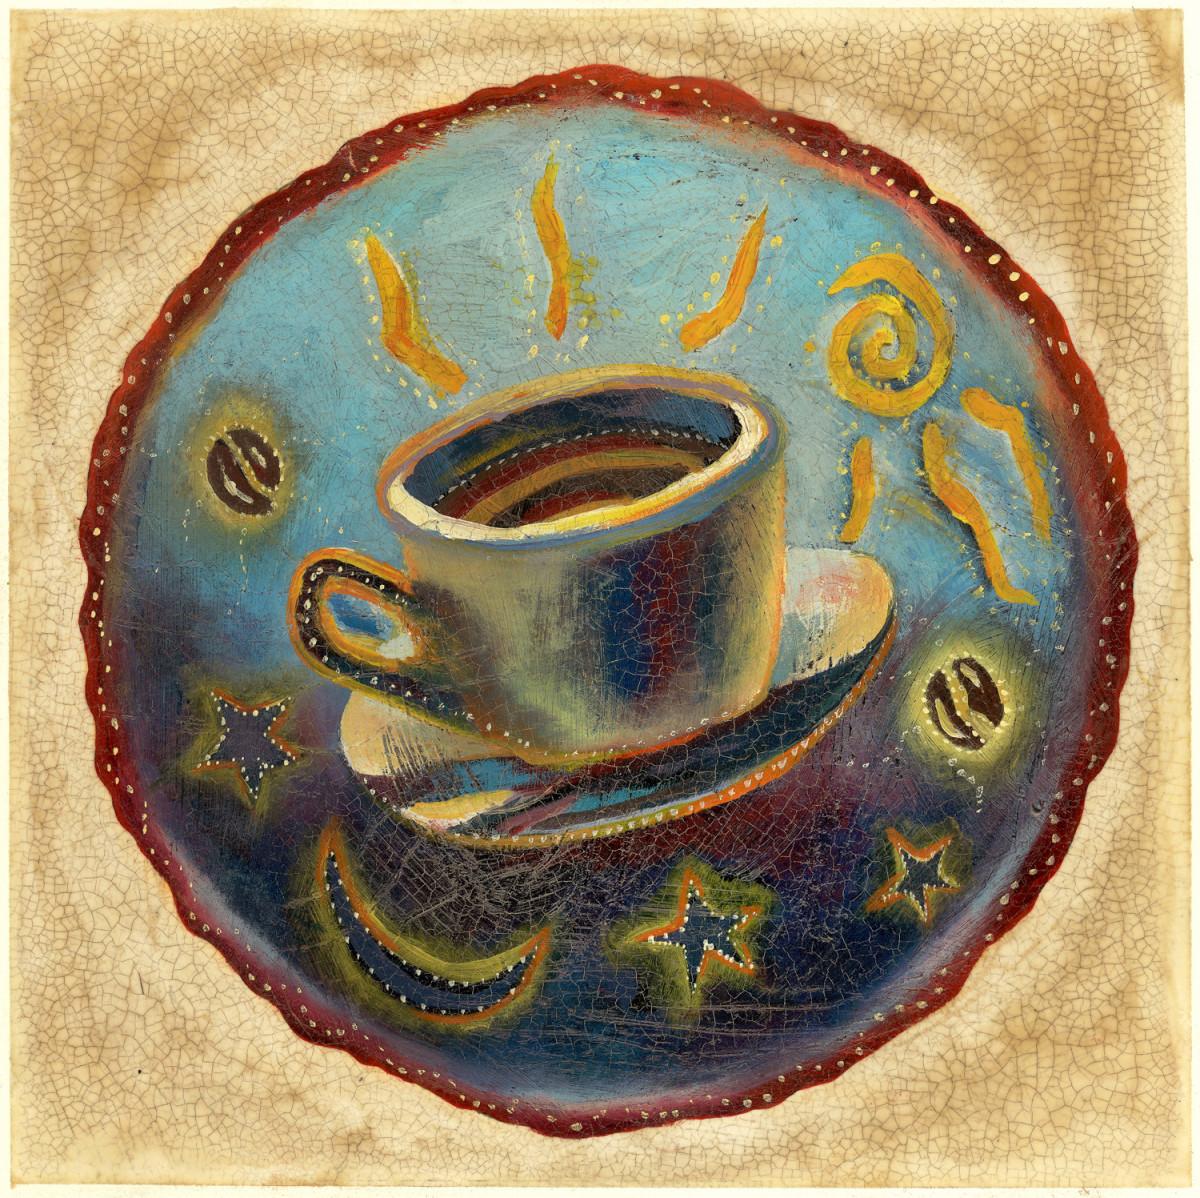 Coffee (Open Edition) by Joanne Probyn